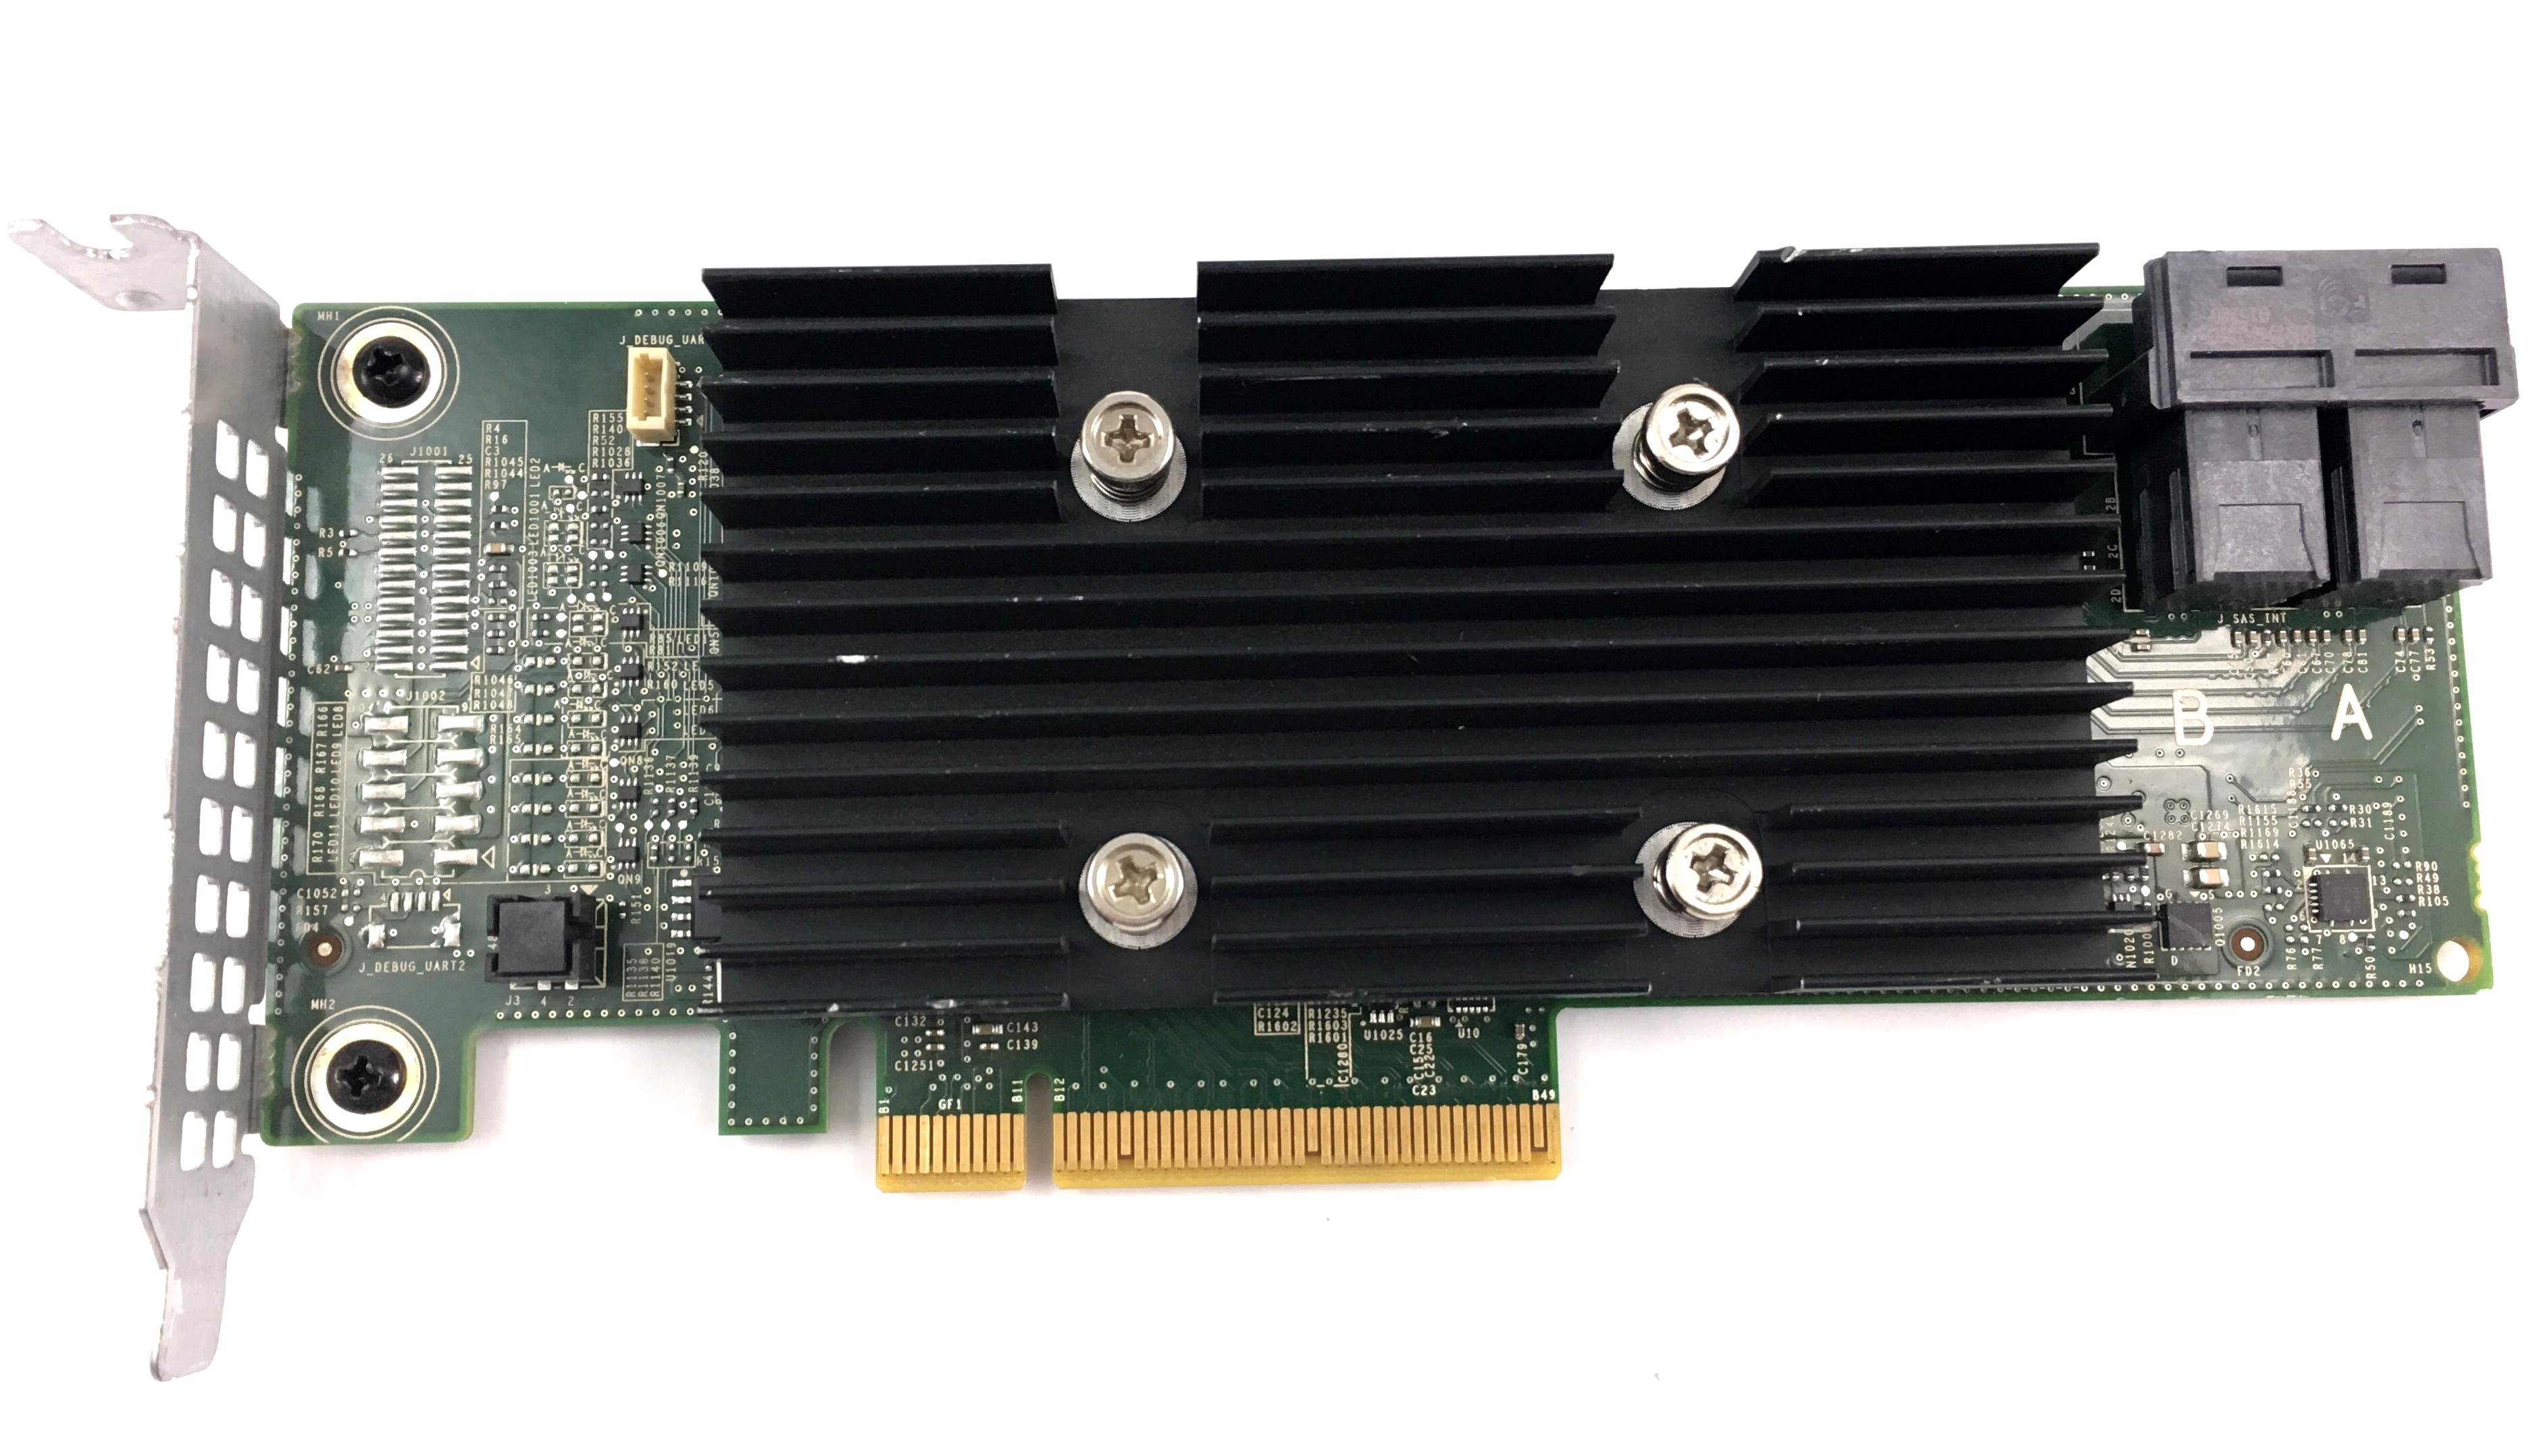 TCKPF Dell PERC H330 PCIe x8 12Gbps Raid Controller Card (TCKPF)